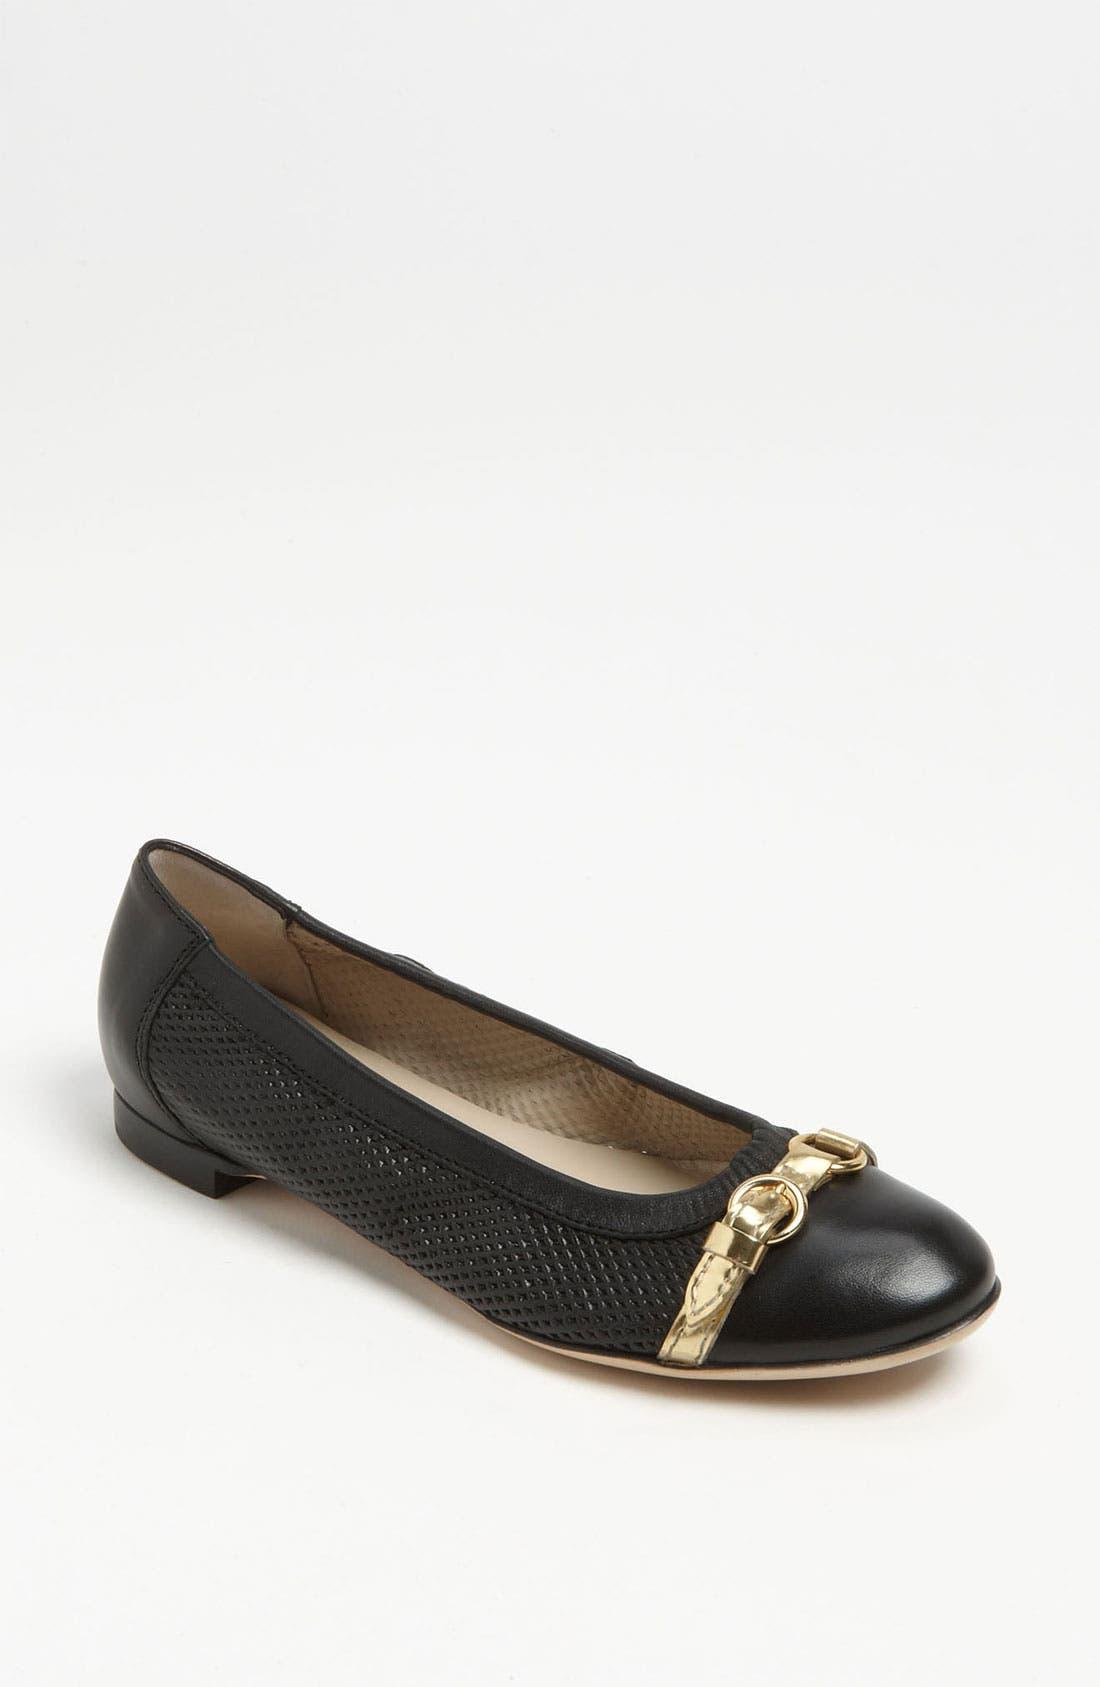 Alternate Image 1 Selected - Attilio Giusti Leombruni Perforated Toe Cap Ballet Flat